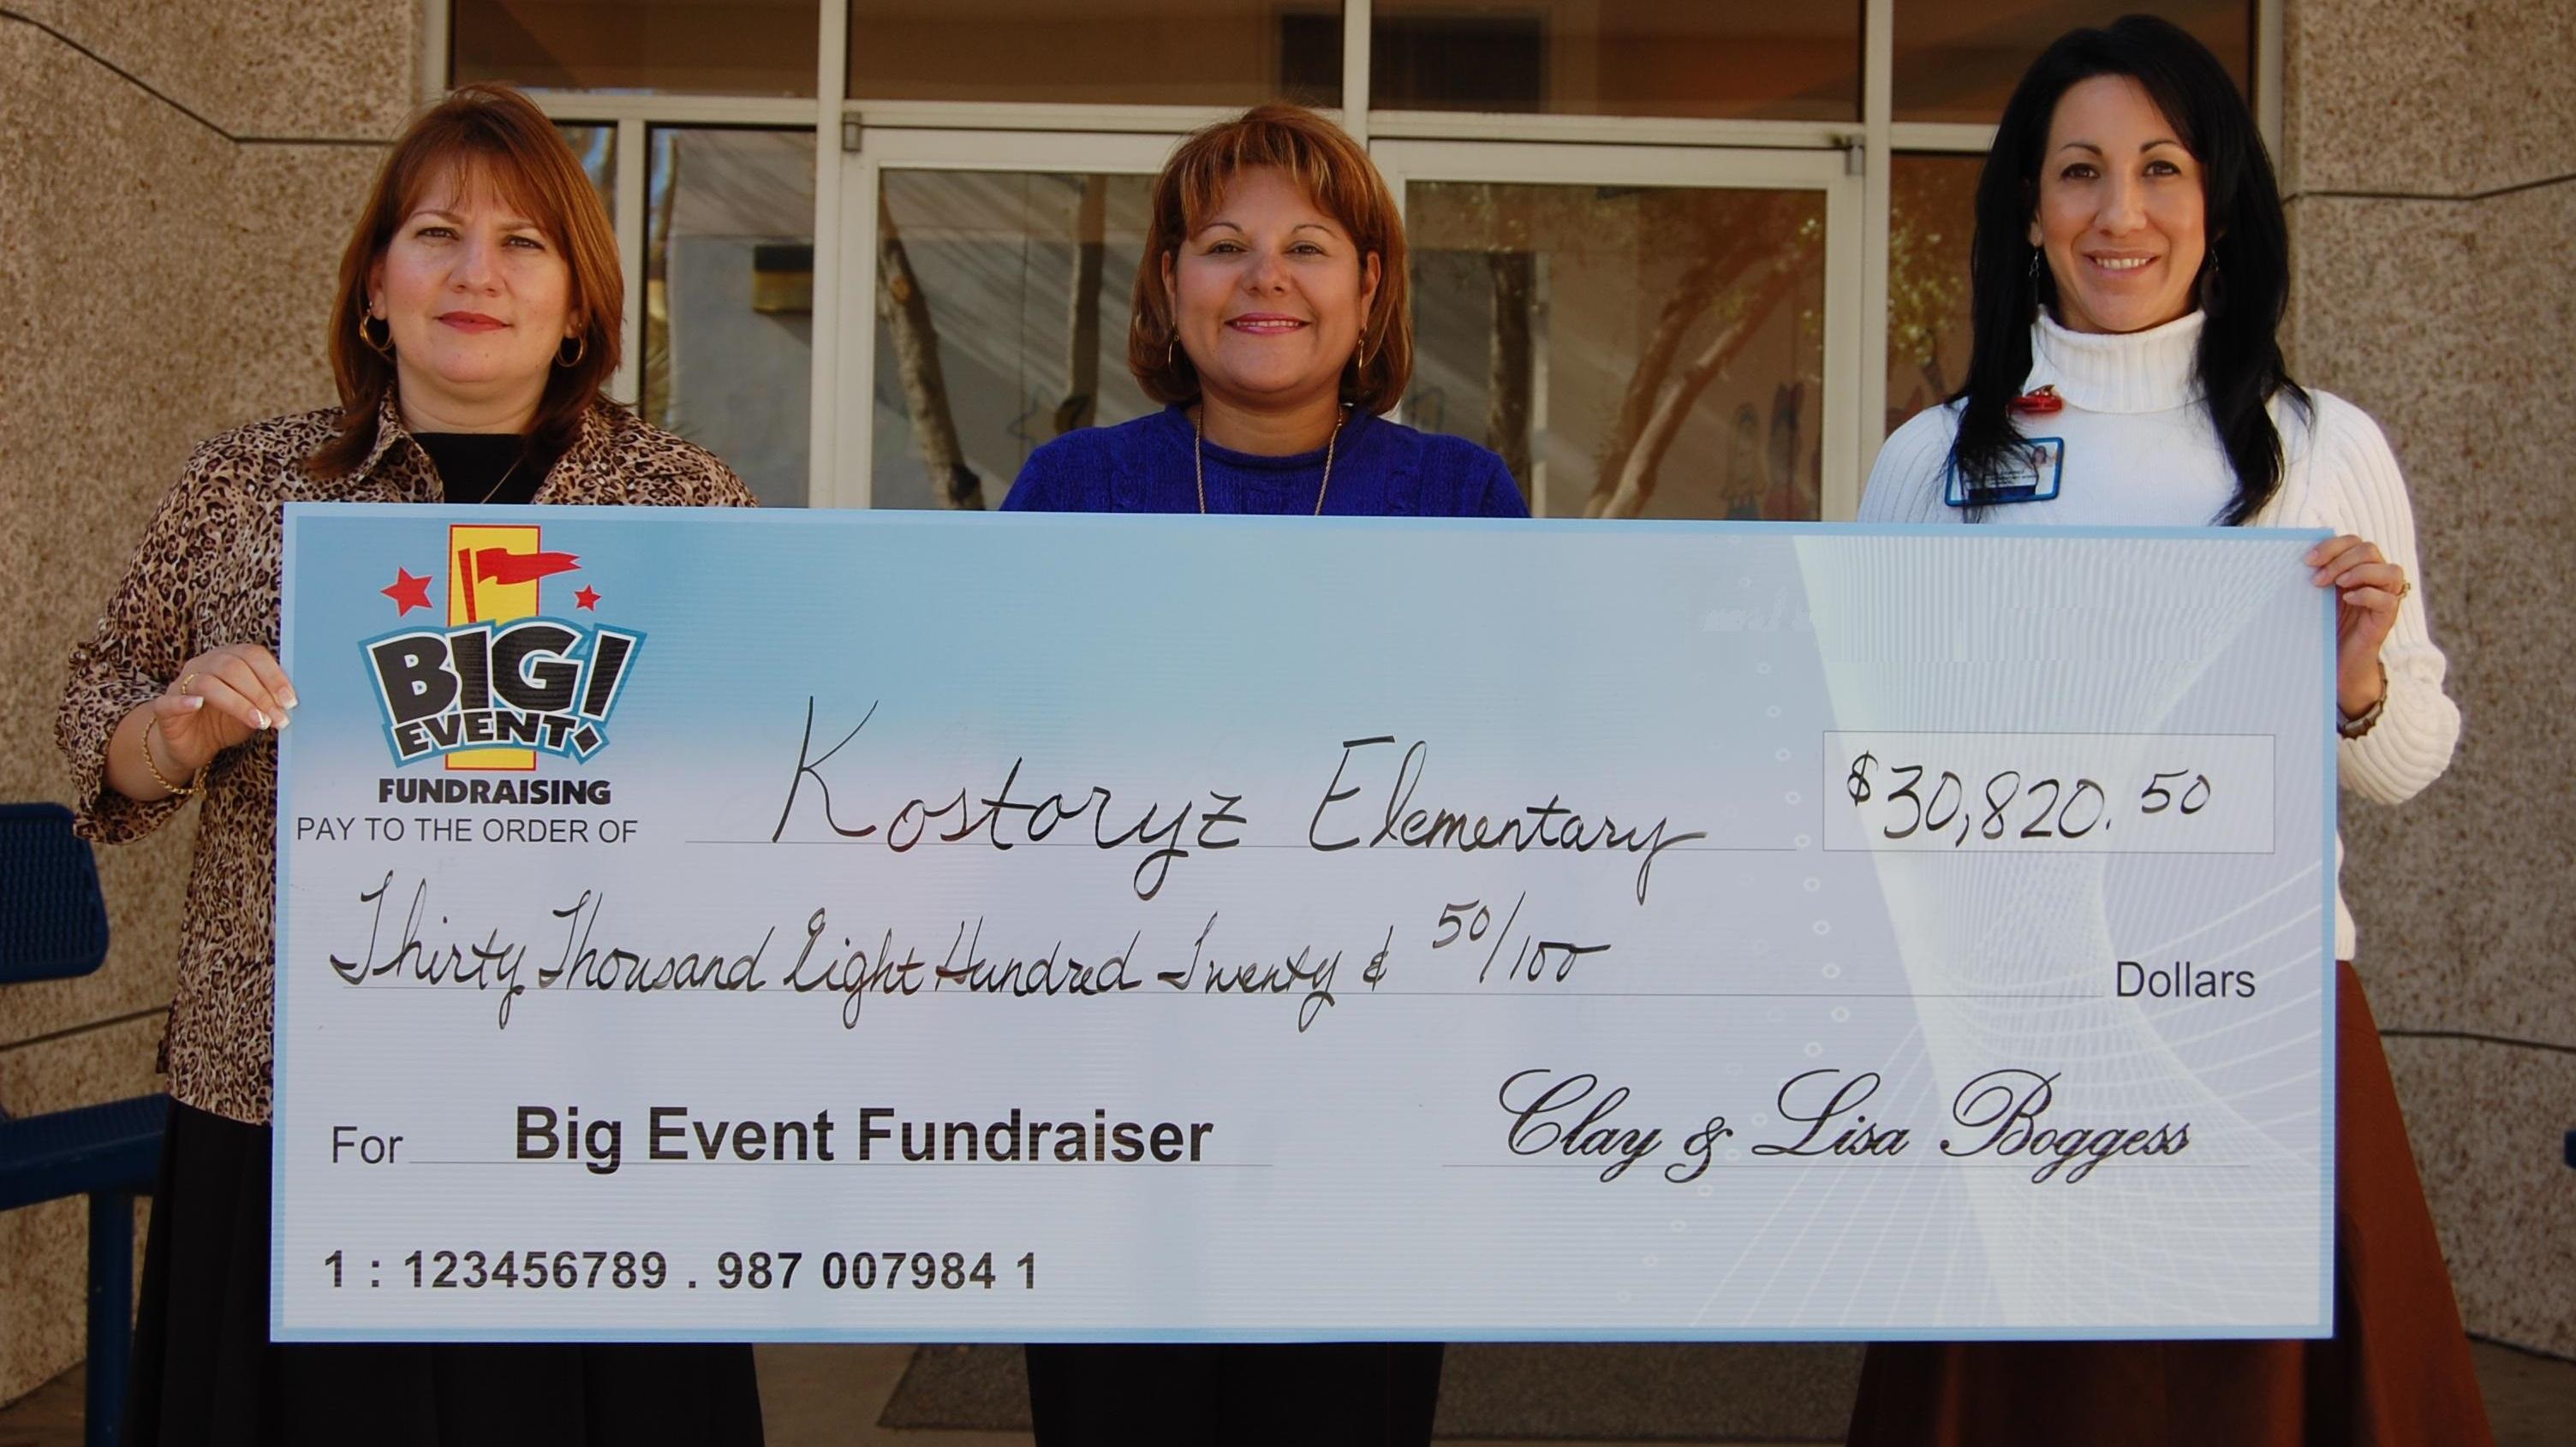 Kostoryz Estates Elementary School fundraising team holding check